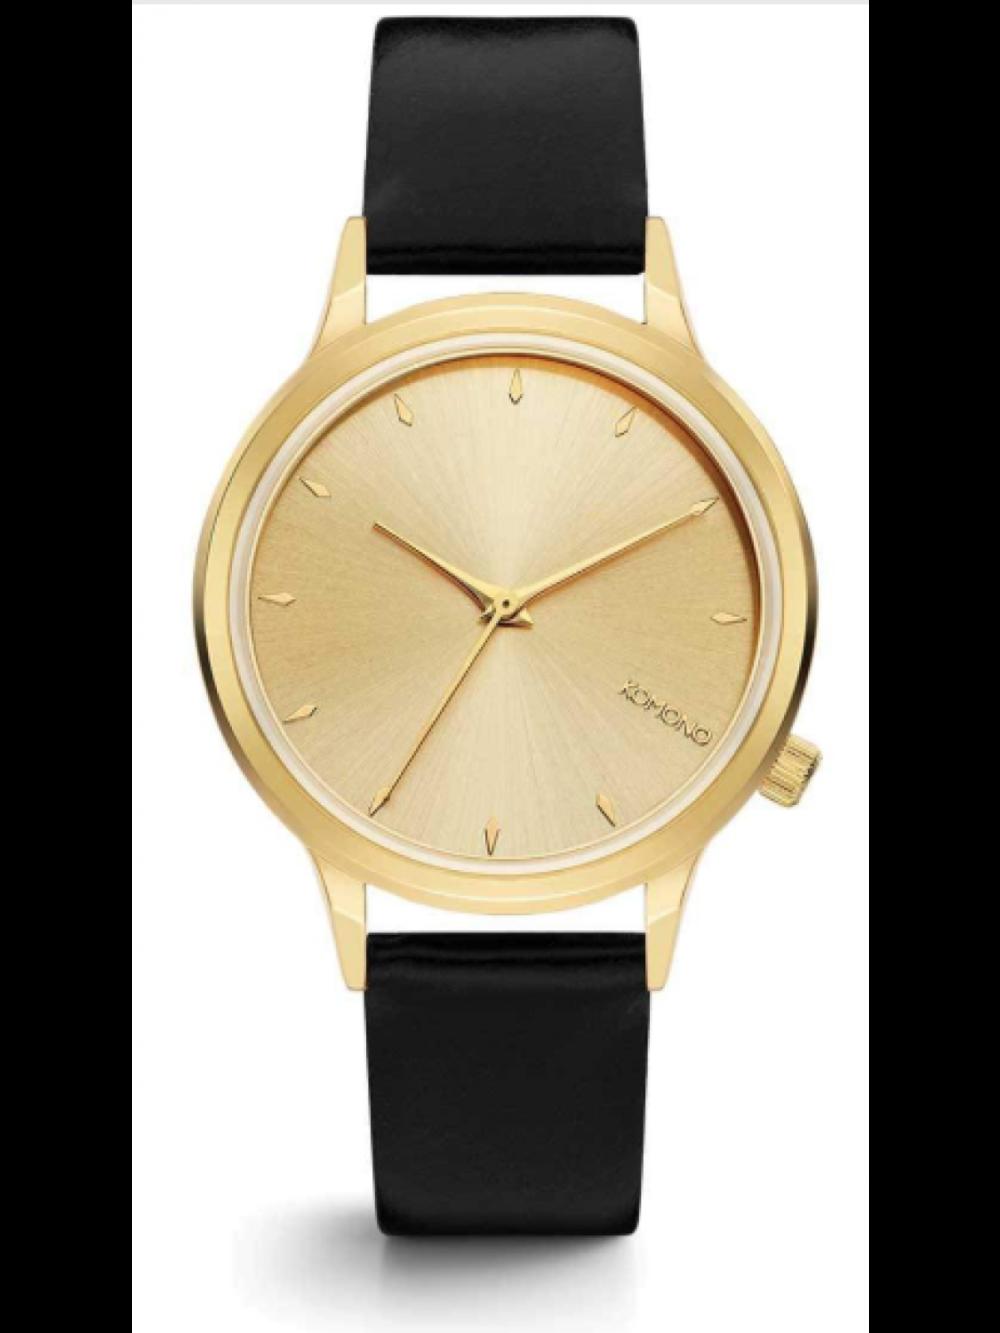 b330b357dc4 Dette billige ur til kvinder er det ultimative ur til den klassiske kvinde.  Det er super minimalistiske ud har et strømlinet udtryk, som gør det nemt  at ...